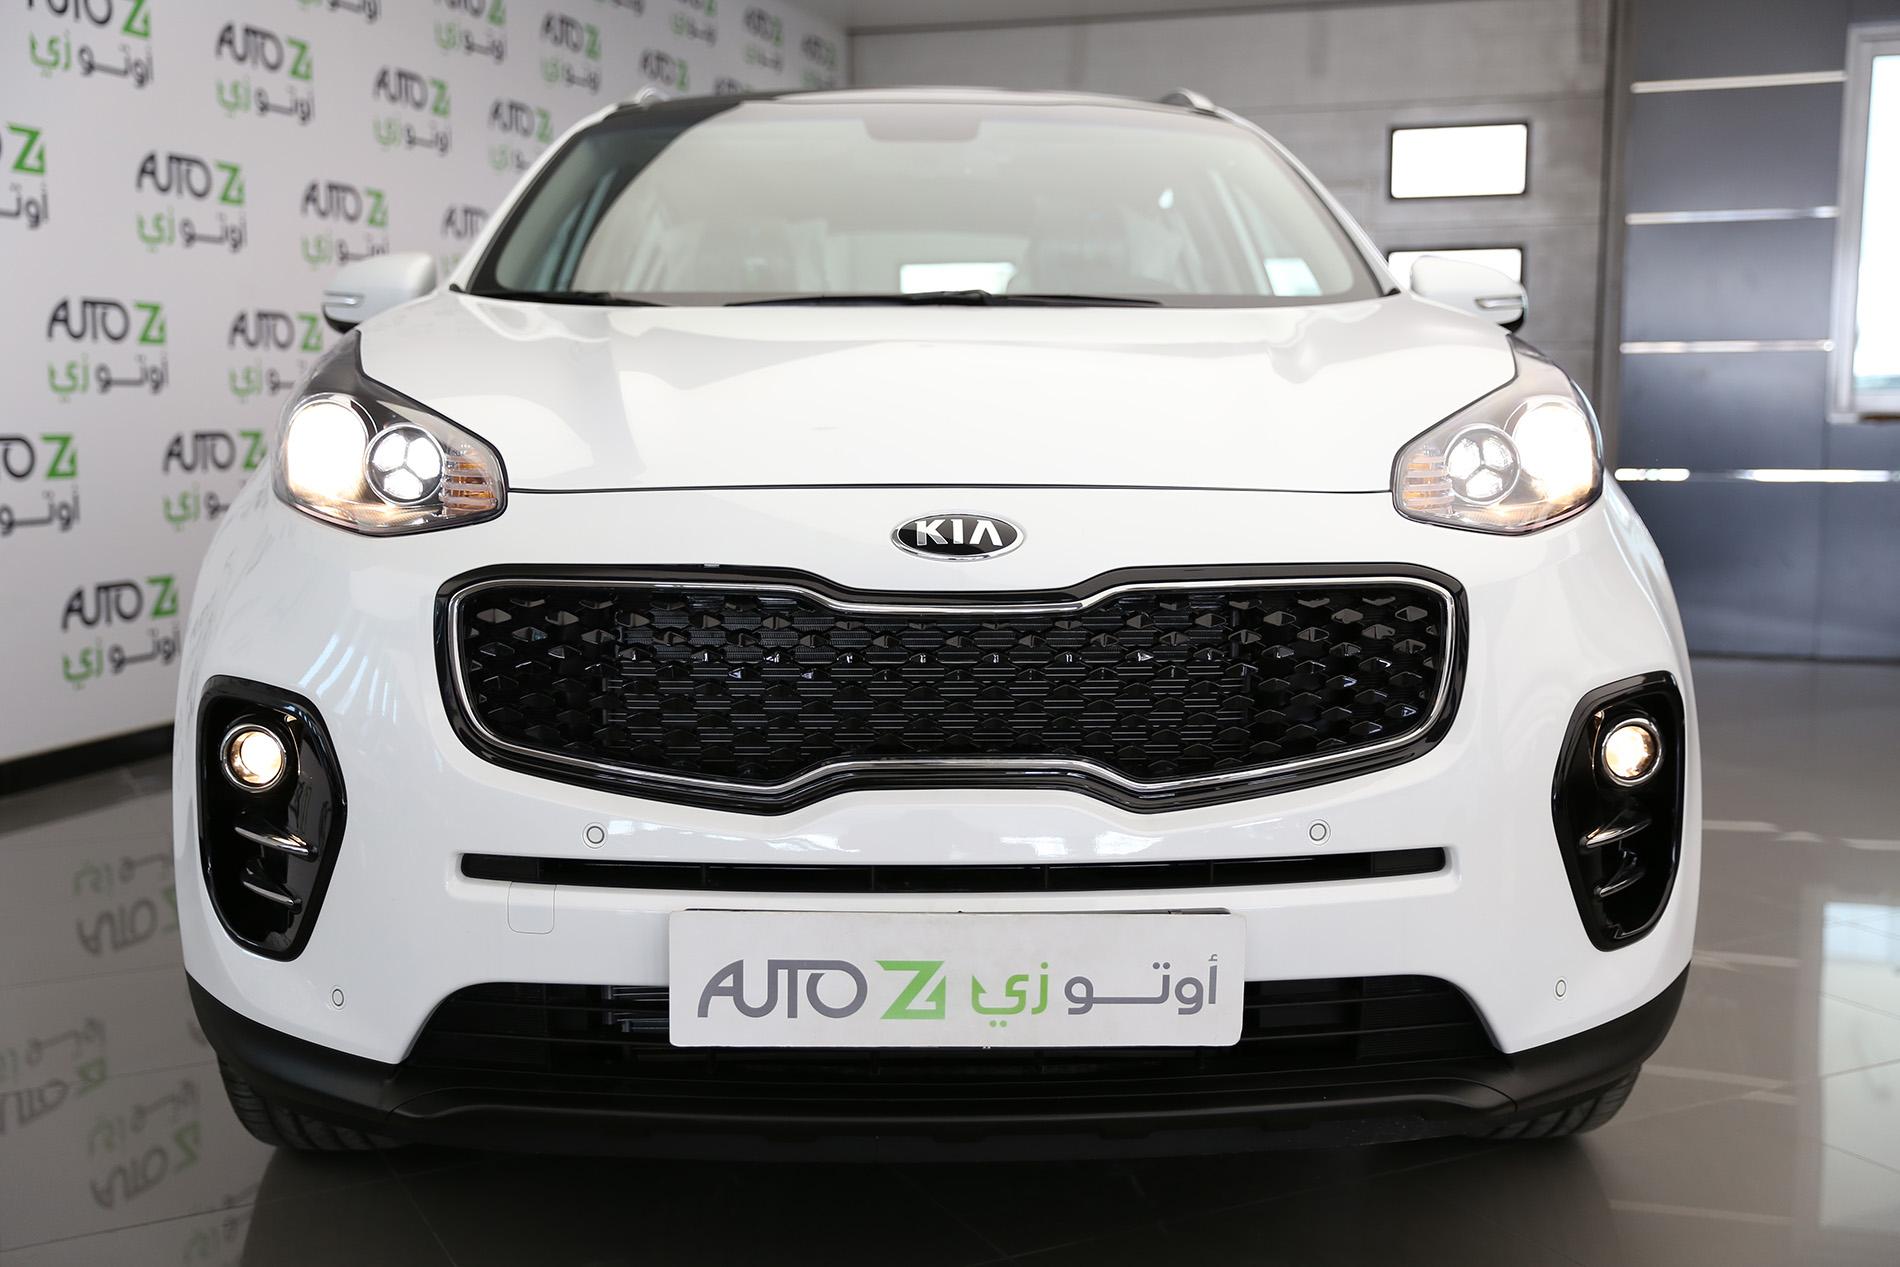 صورة امامية لسيارة كيا سبورتاج بيضاء | اوتو زي سيارات مستعملة في قطر والدوحة